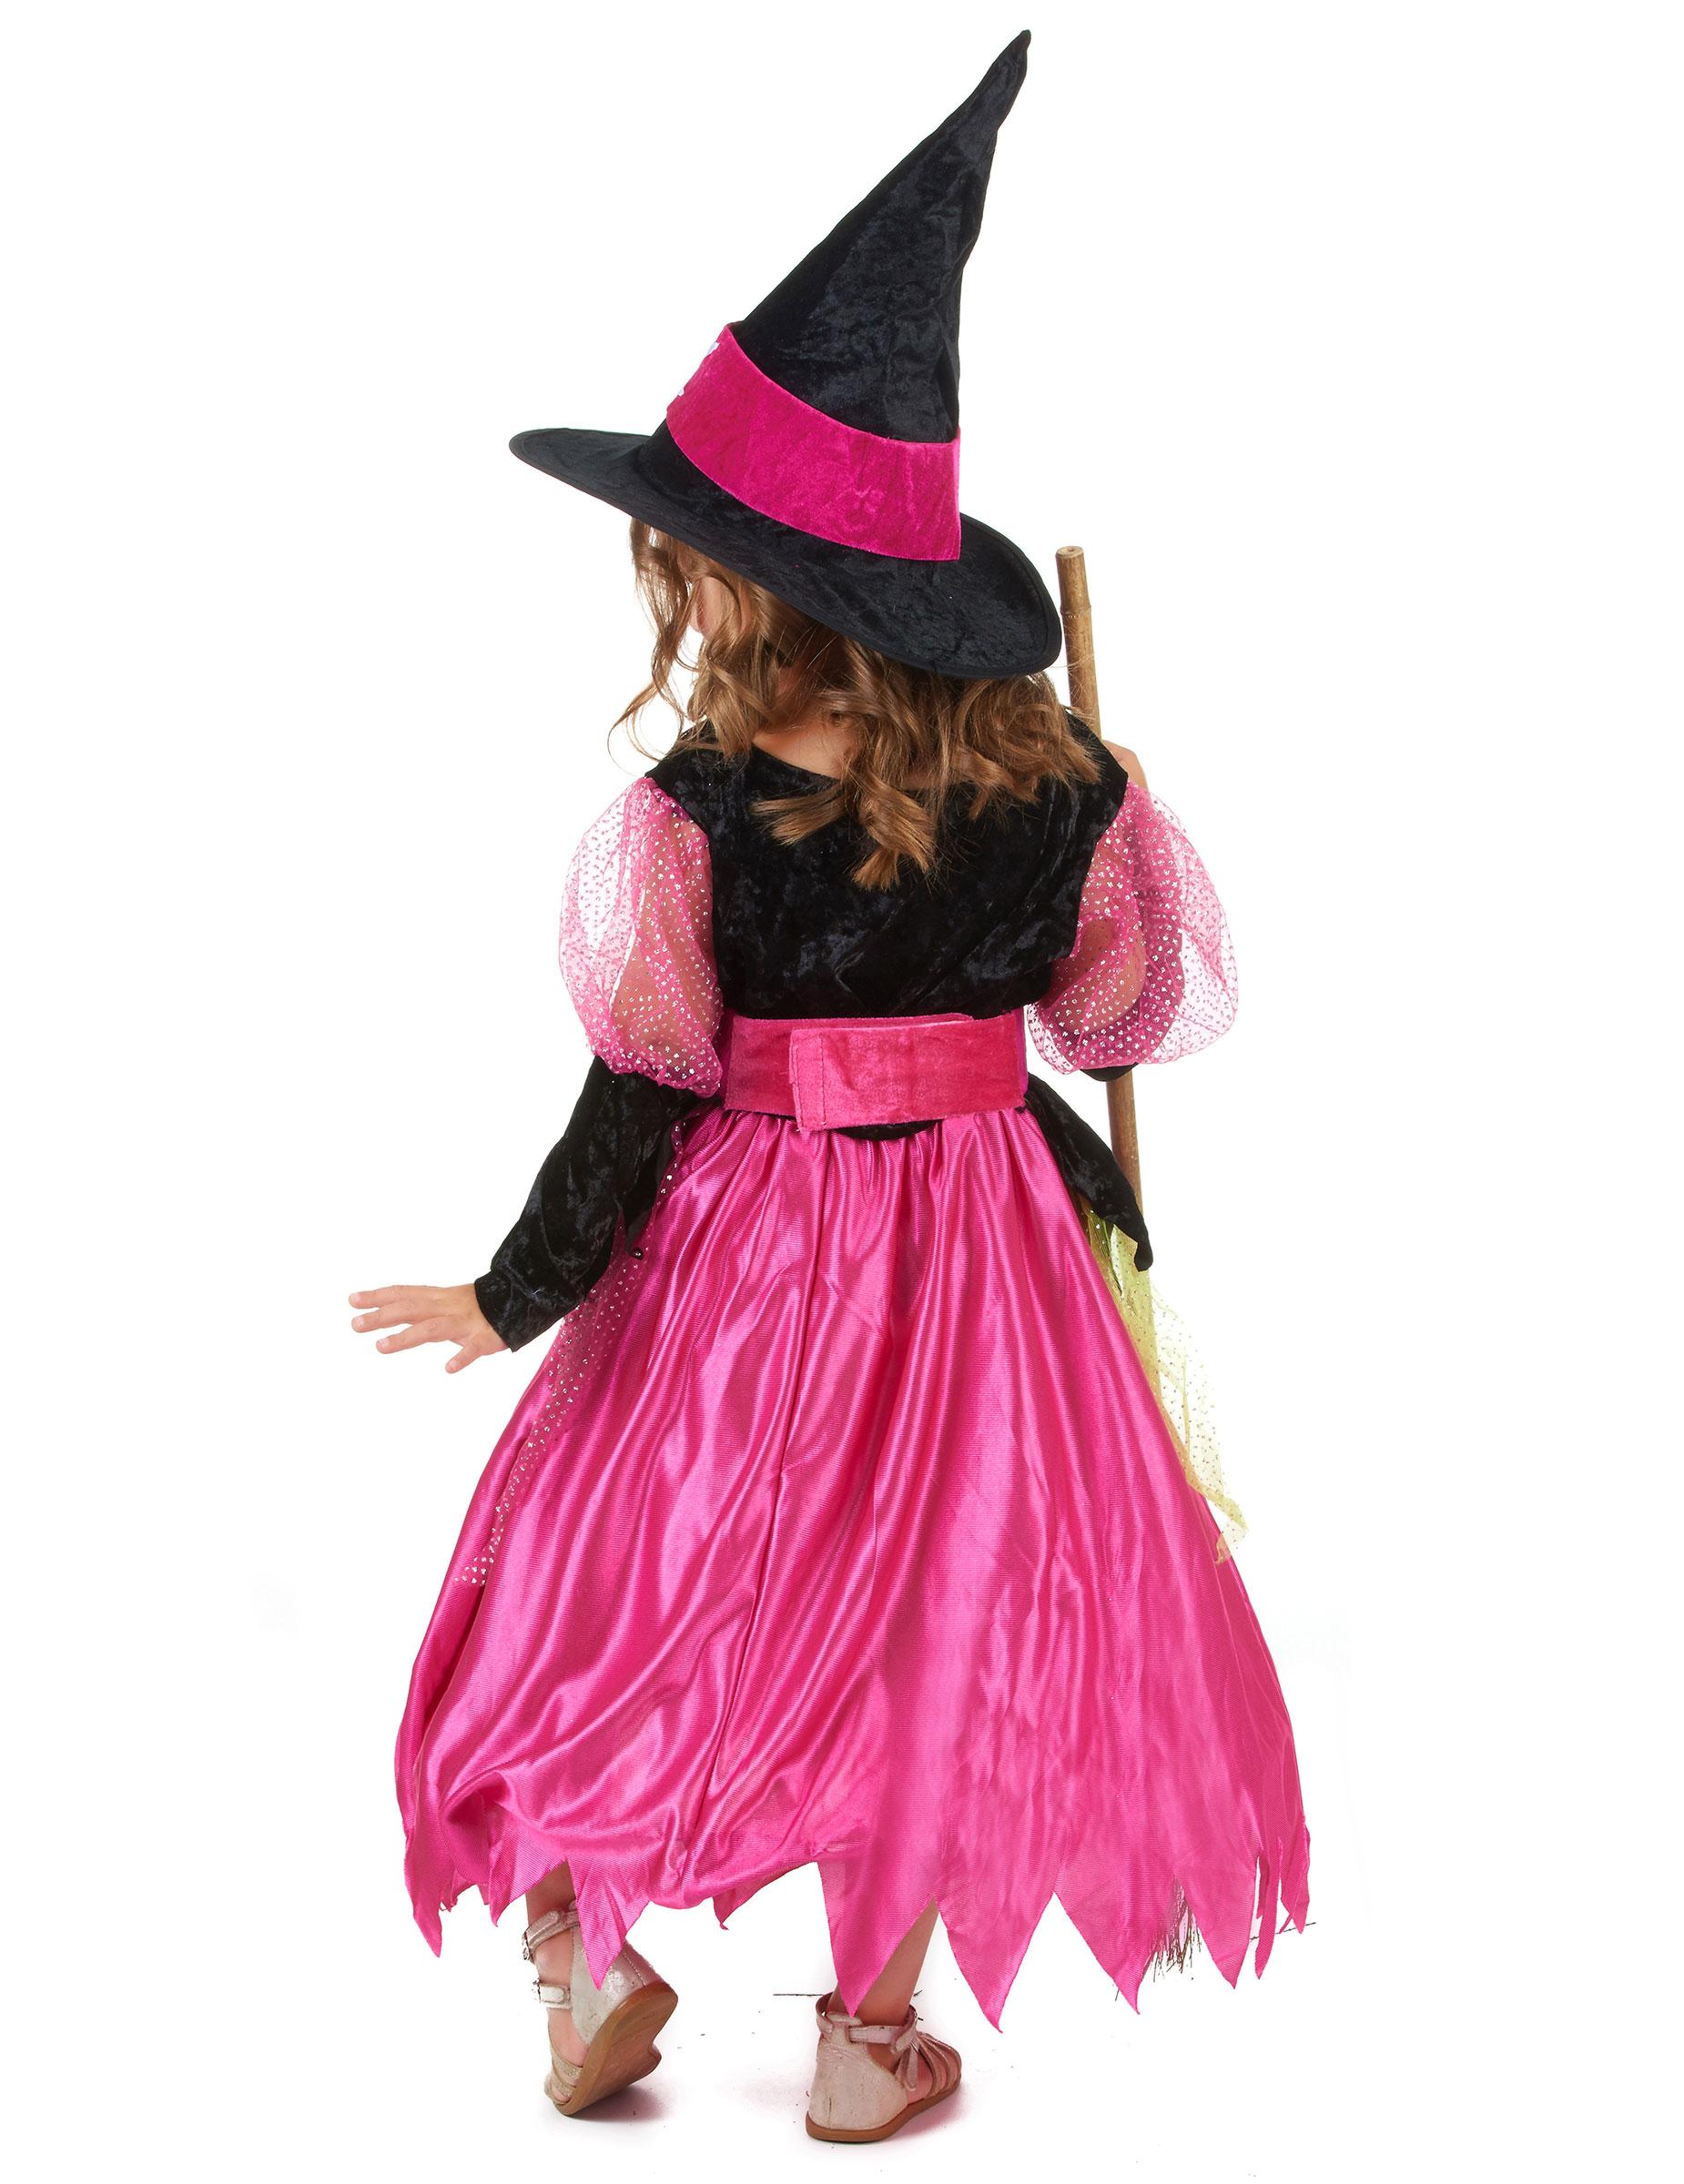 Disfraz de bruja para niña ideal para Halloween: Disfraces niños,y ...